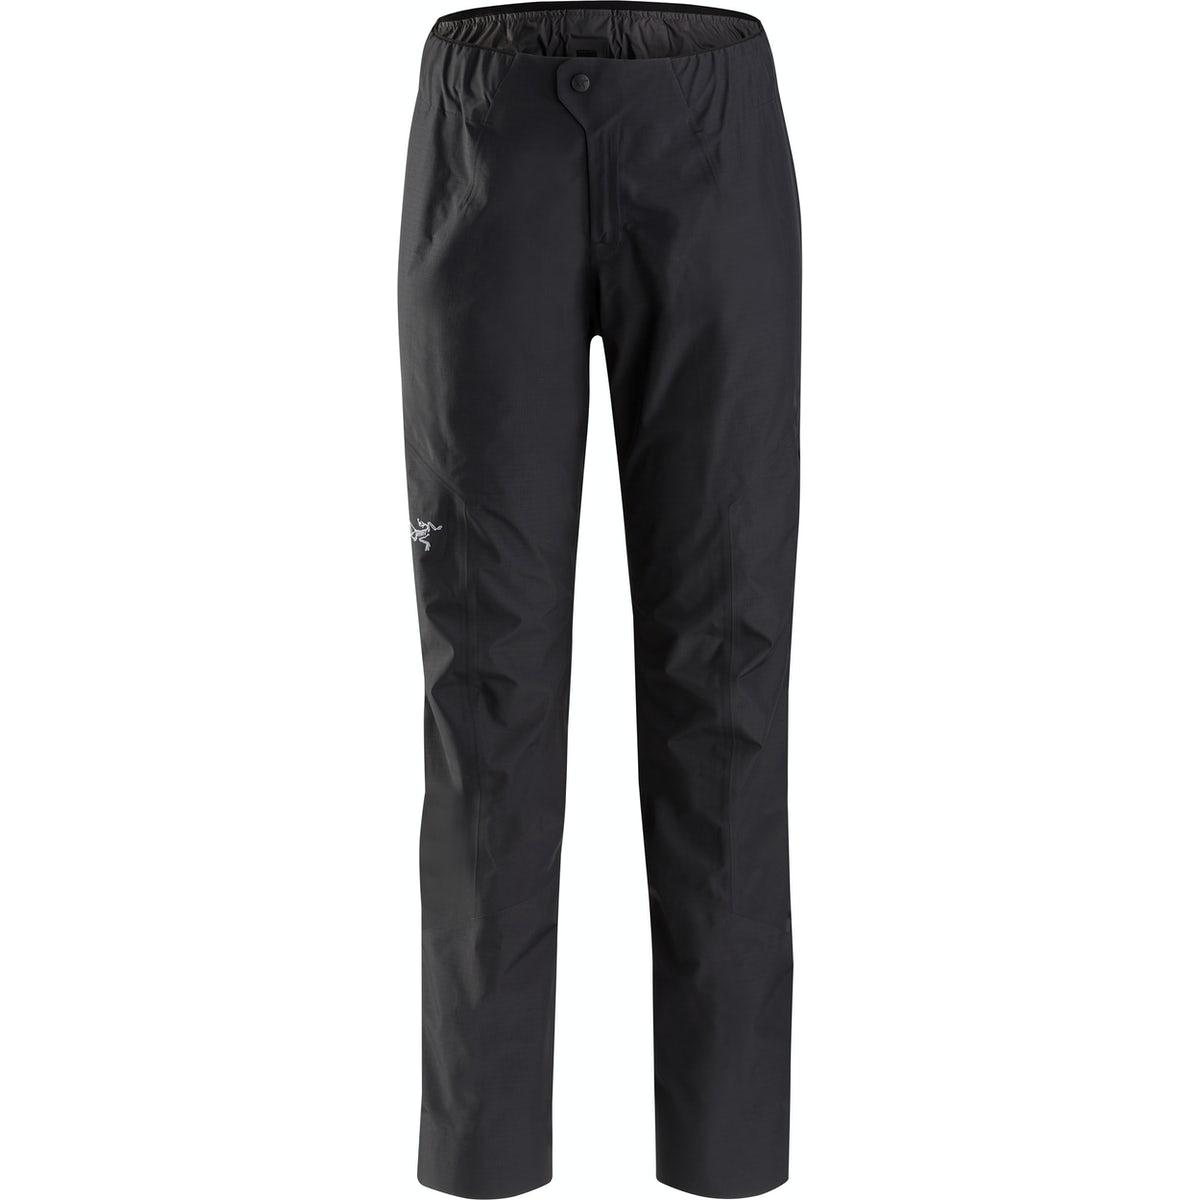 Arc'teryx Zeta SL Gore-Tex Pants